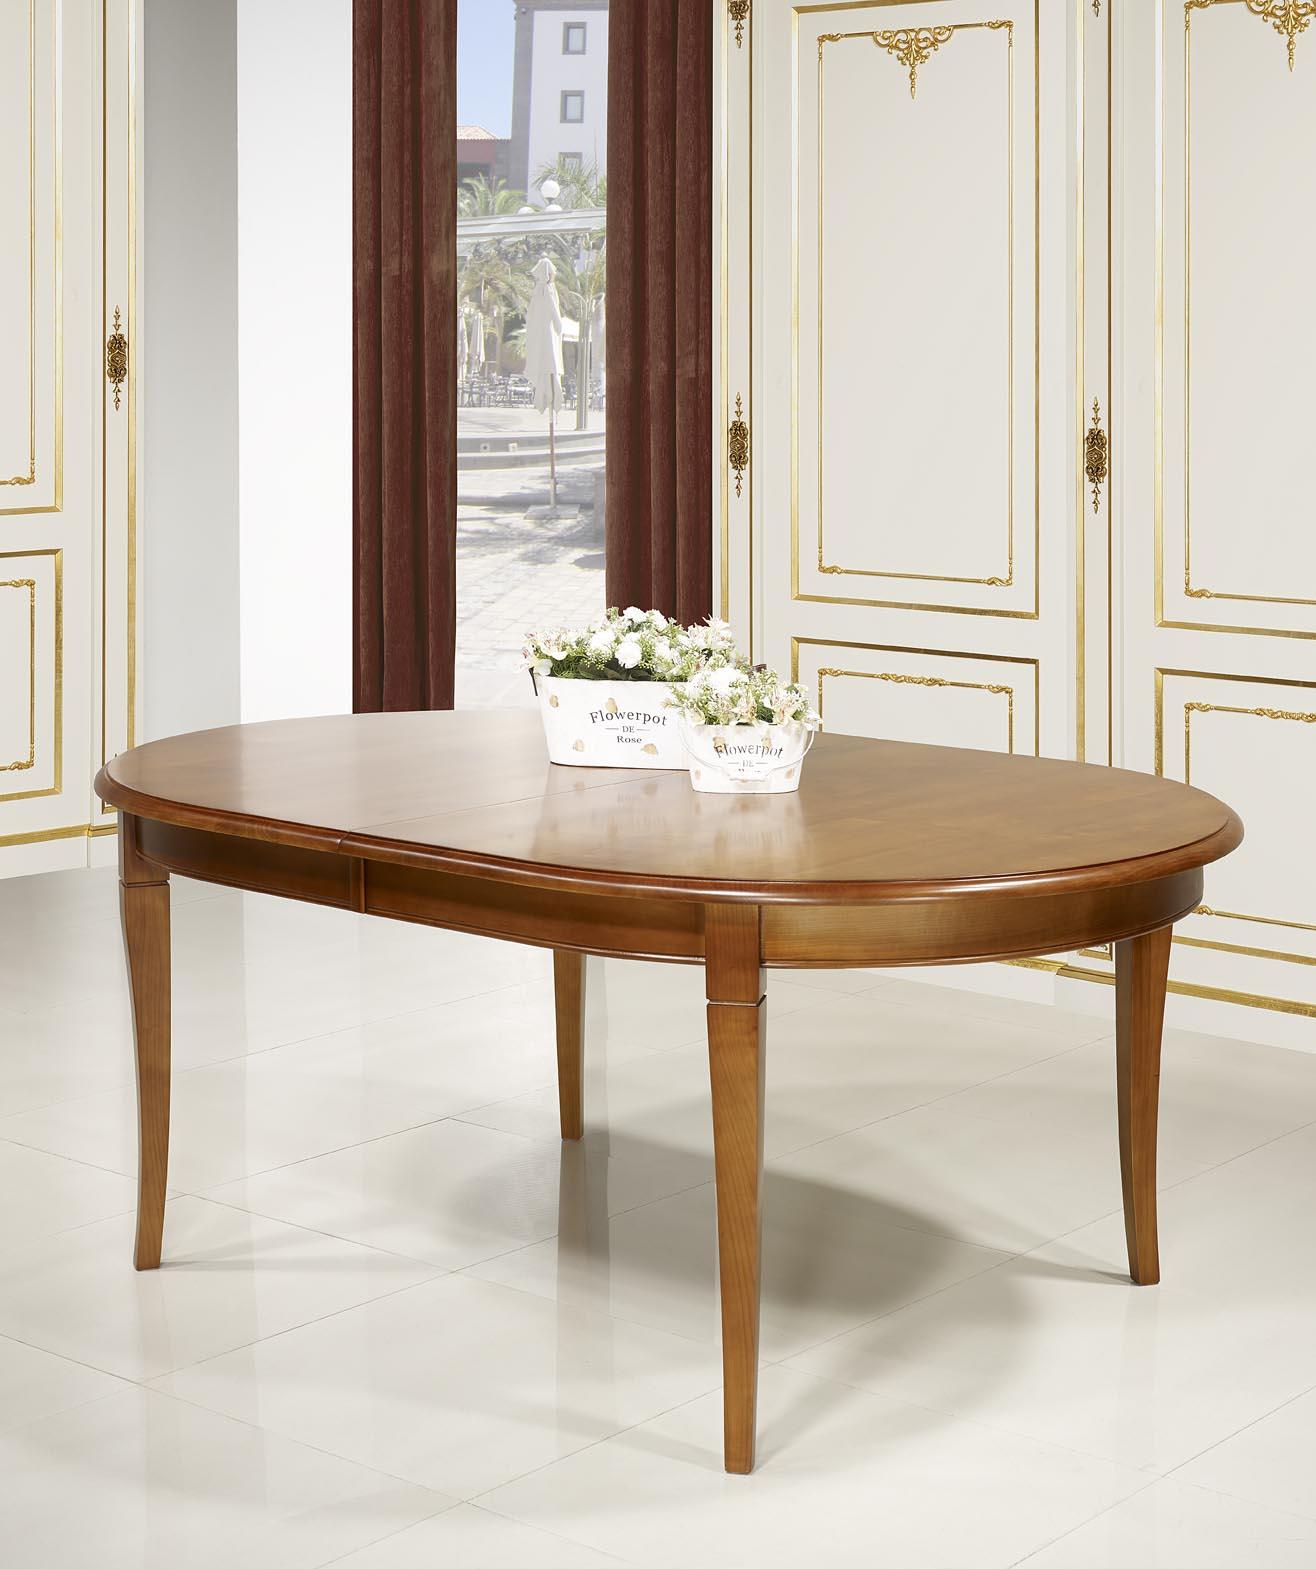 table ovale julie 180 120 en merisier massif de style louis philippe 5 allonges de 40 cm. Black Bedroom Furniture Sets. Home Design Ideas